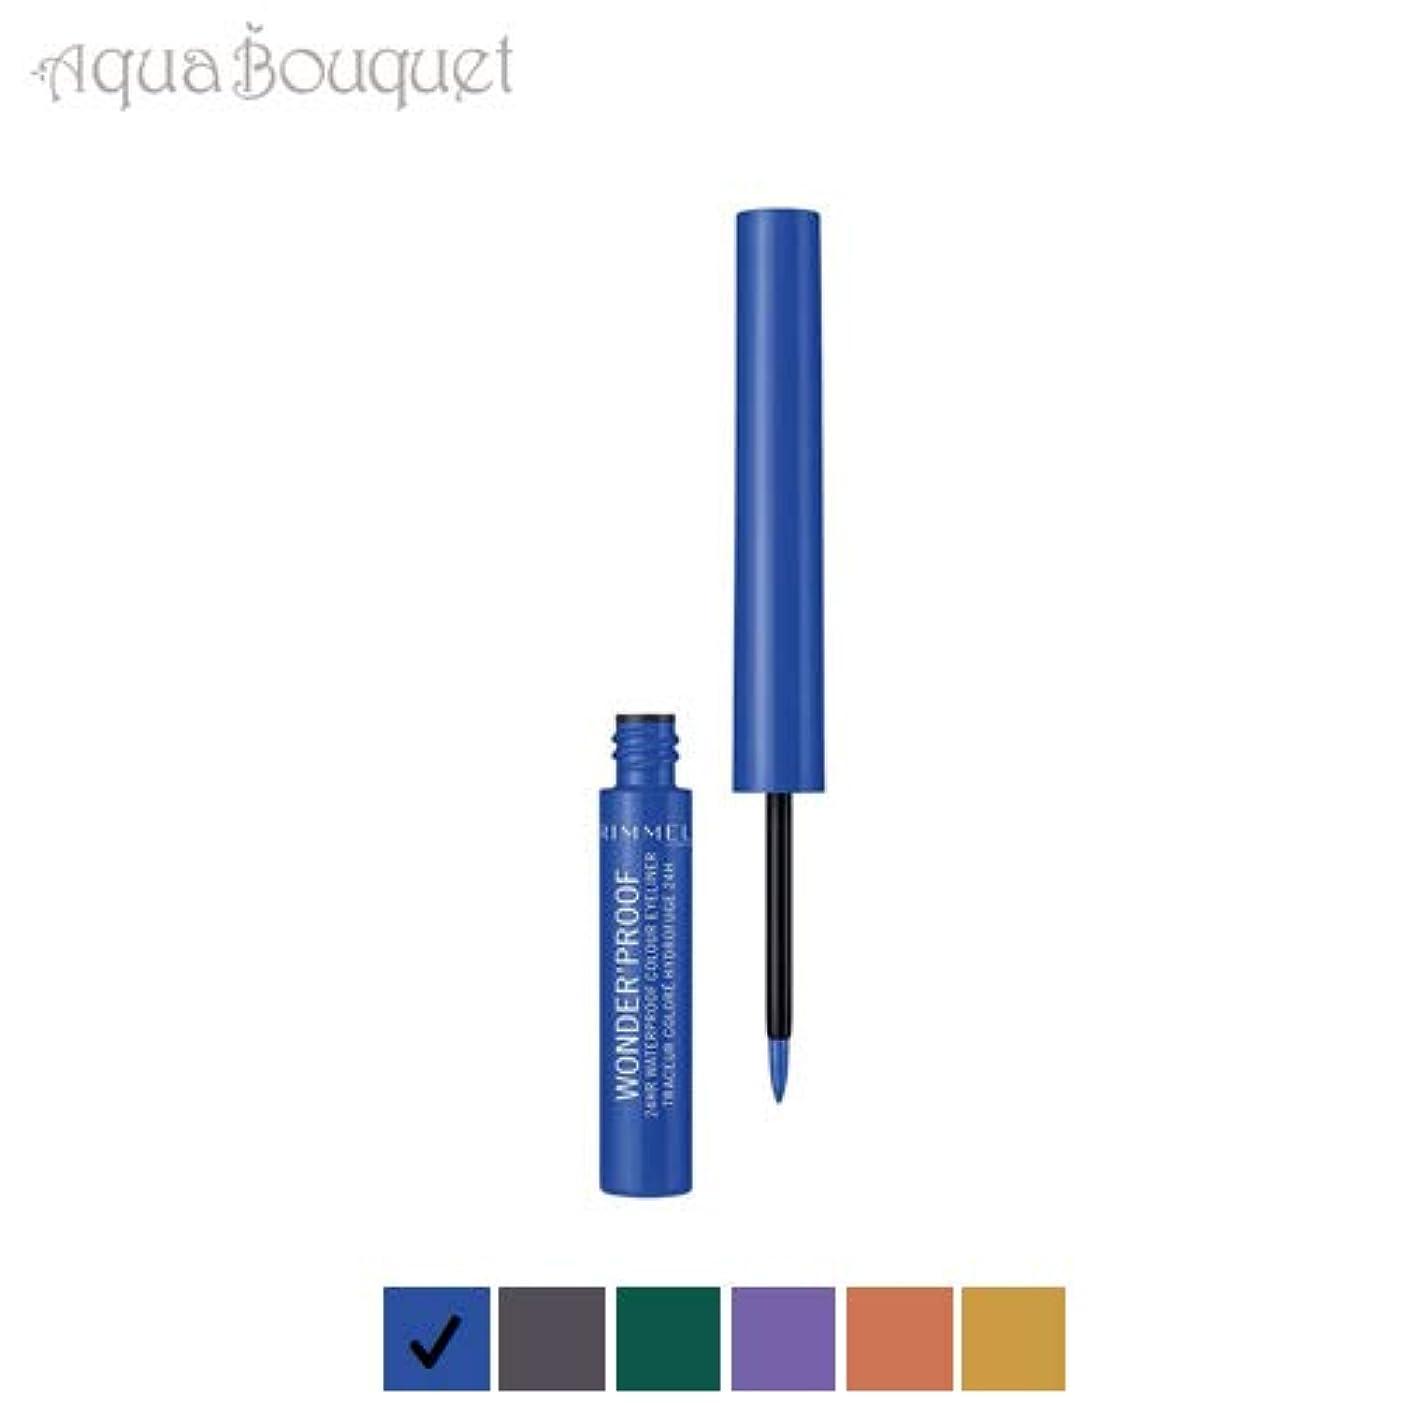 中国脚本入射リンメル ワンダープルーフ アイライナー ウォータープルーフ ピュア ブルー (05 PURE BLUE) RIMMEL WONDER'PROOF 24HR WP EYELINER [並行輸入品]